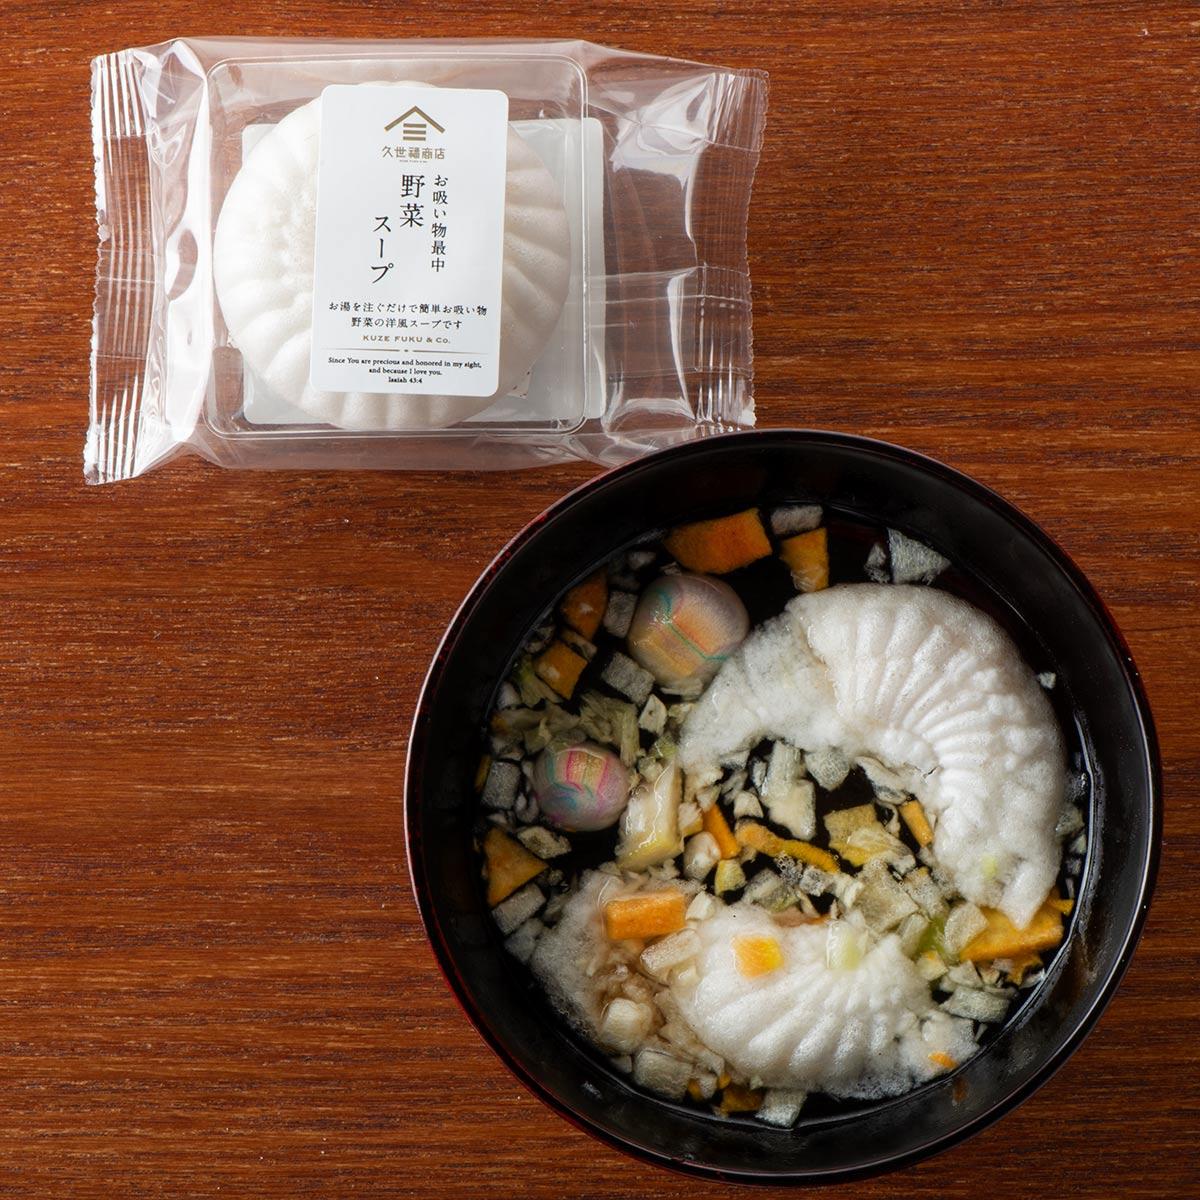 久世福商店のレトルト食品 お吸い物最中 野菜スープ 8g